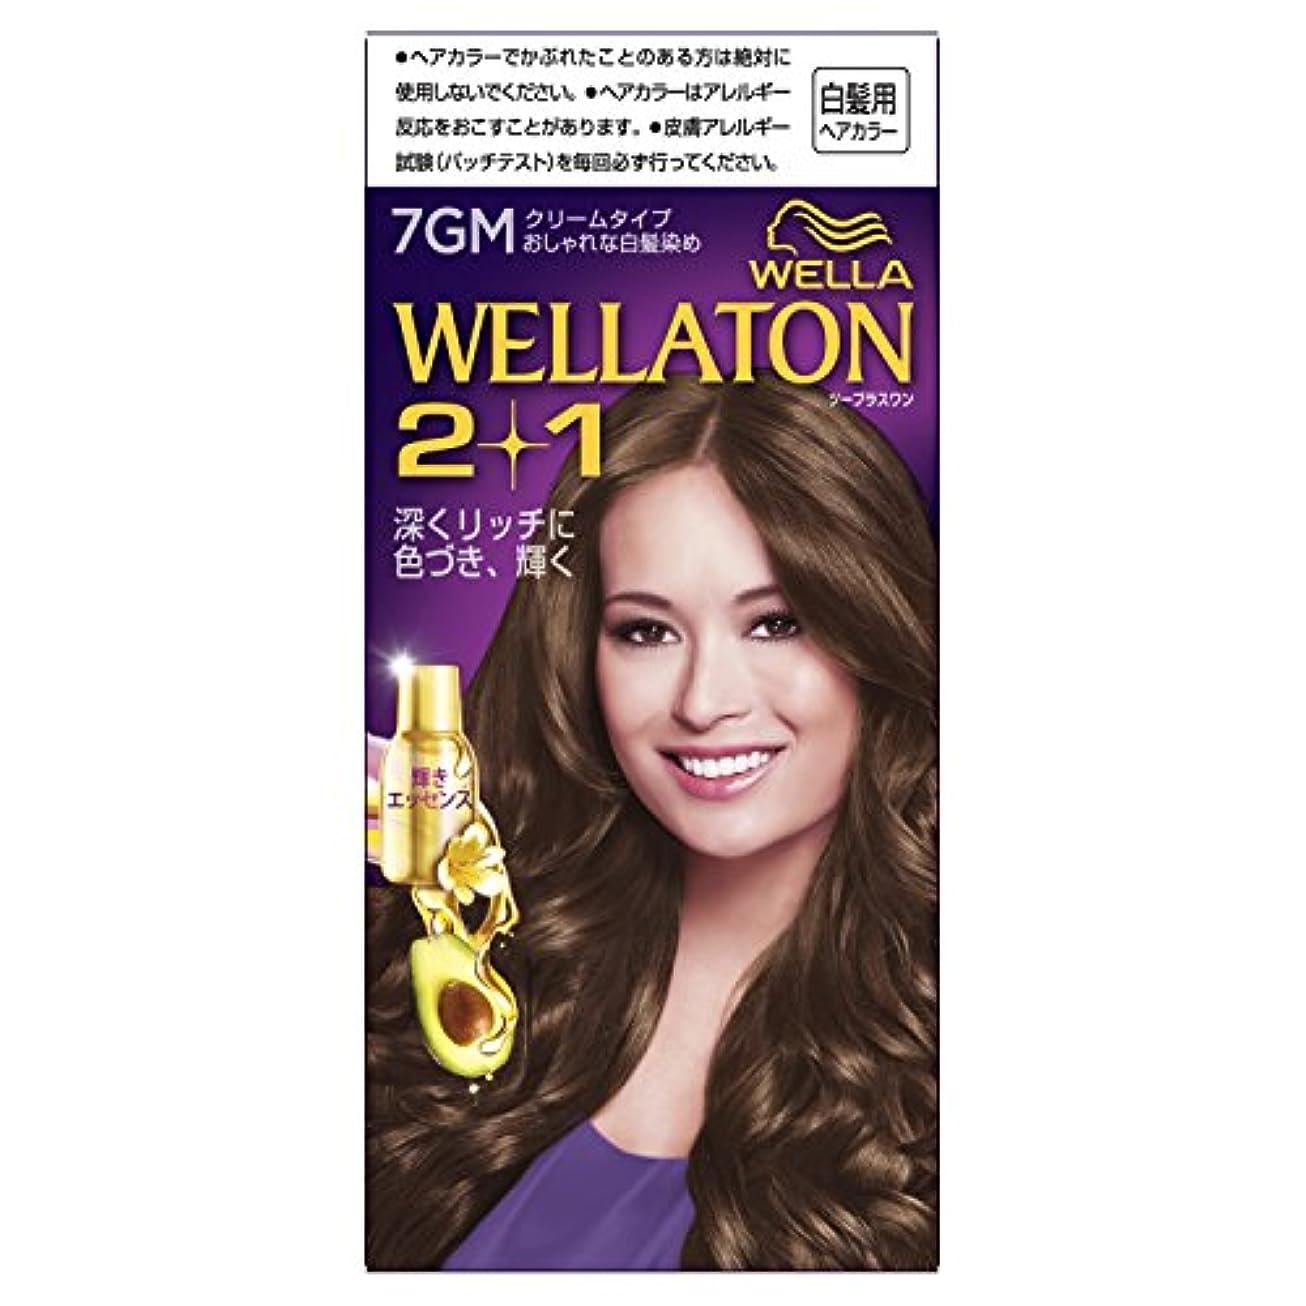 ネスト不可能な無条件ウエラトーン2+1 クリームタイプ 7GM [医薬部外品](おしゃれな白髪染め)